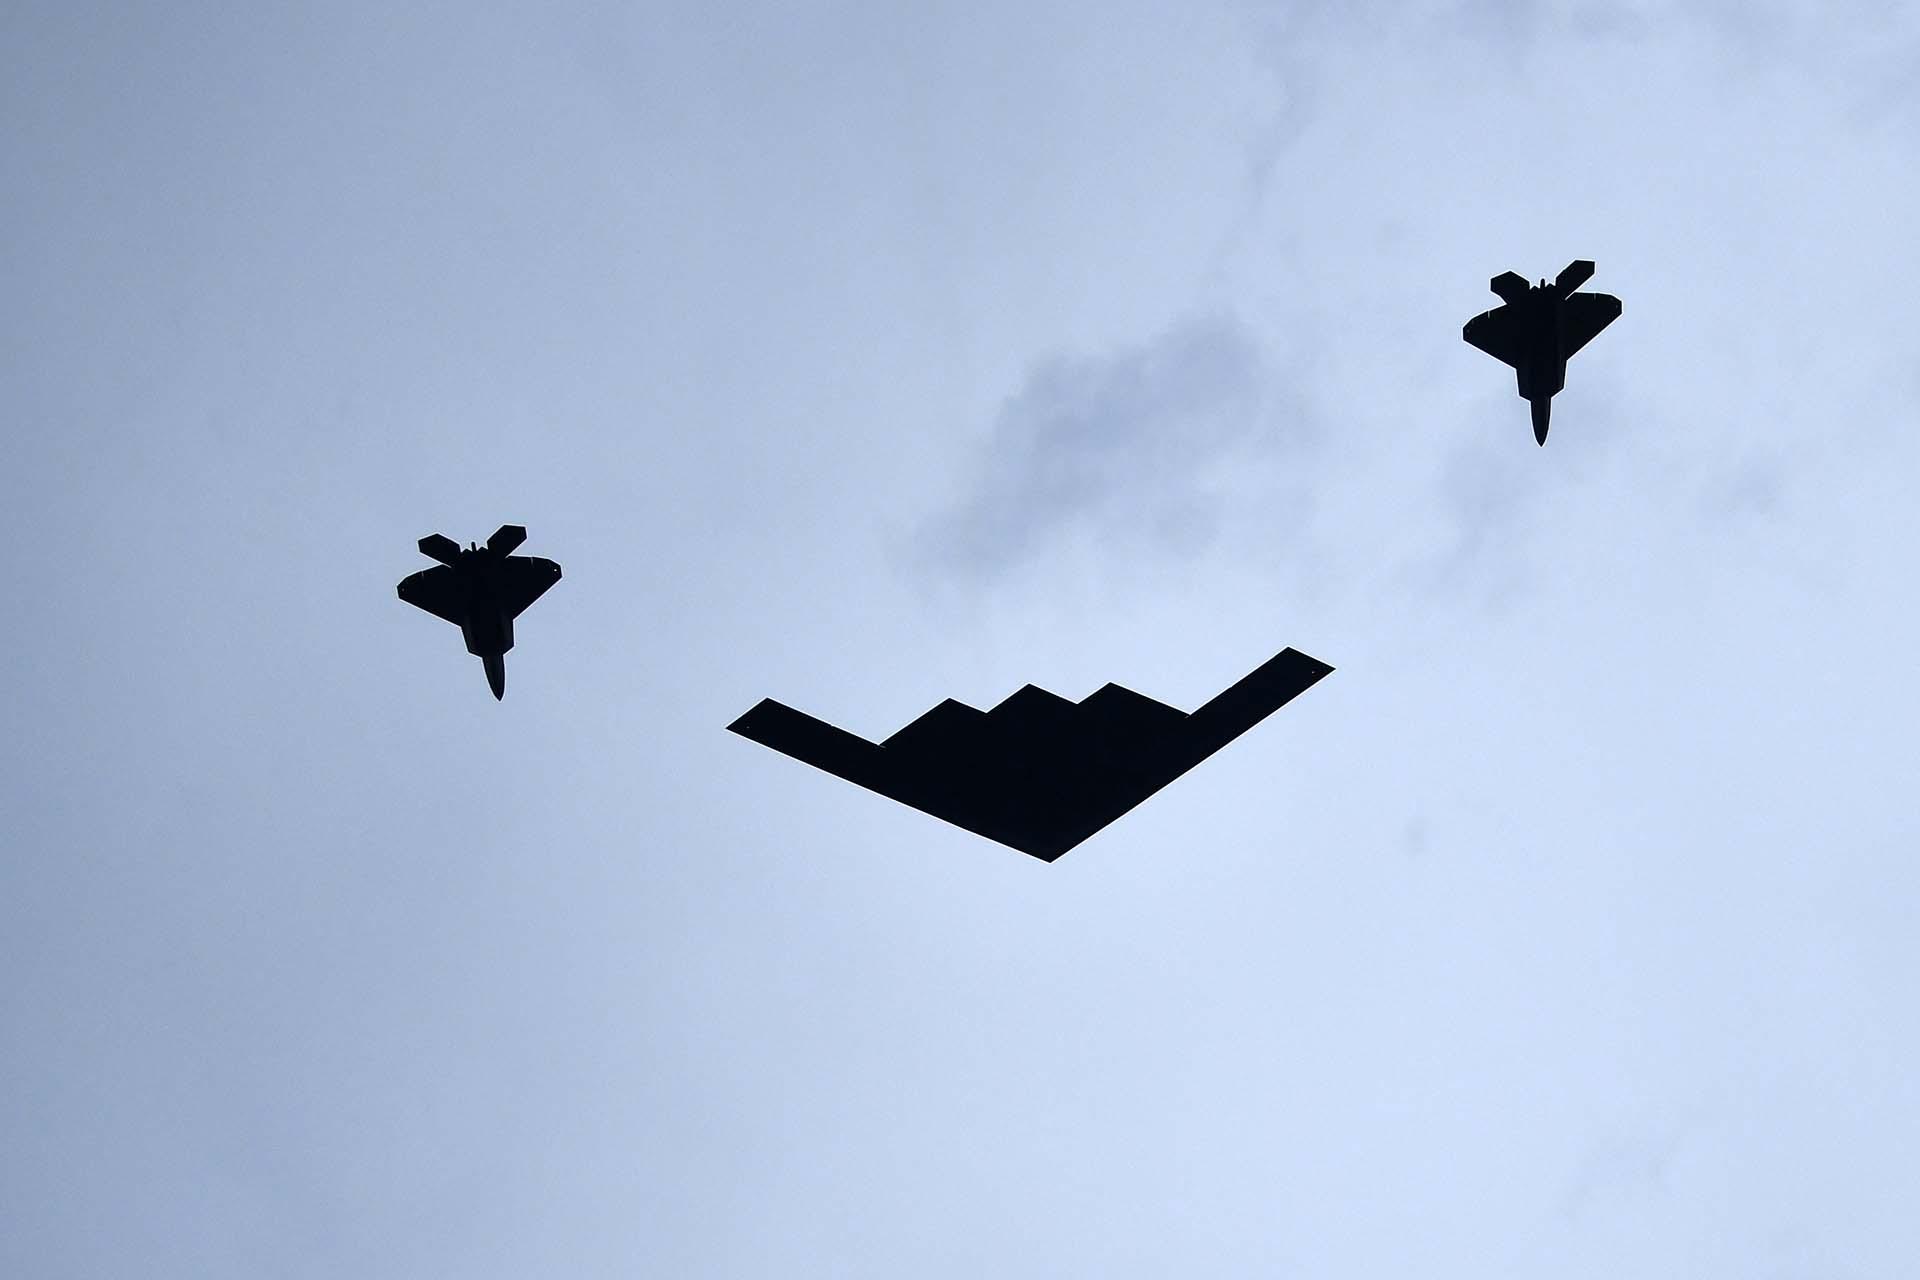 Un avión B-2 Spirit, escoltado por dos F-22 Raptors, pasó por encima del Lincoln Memorial